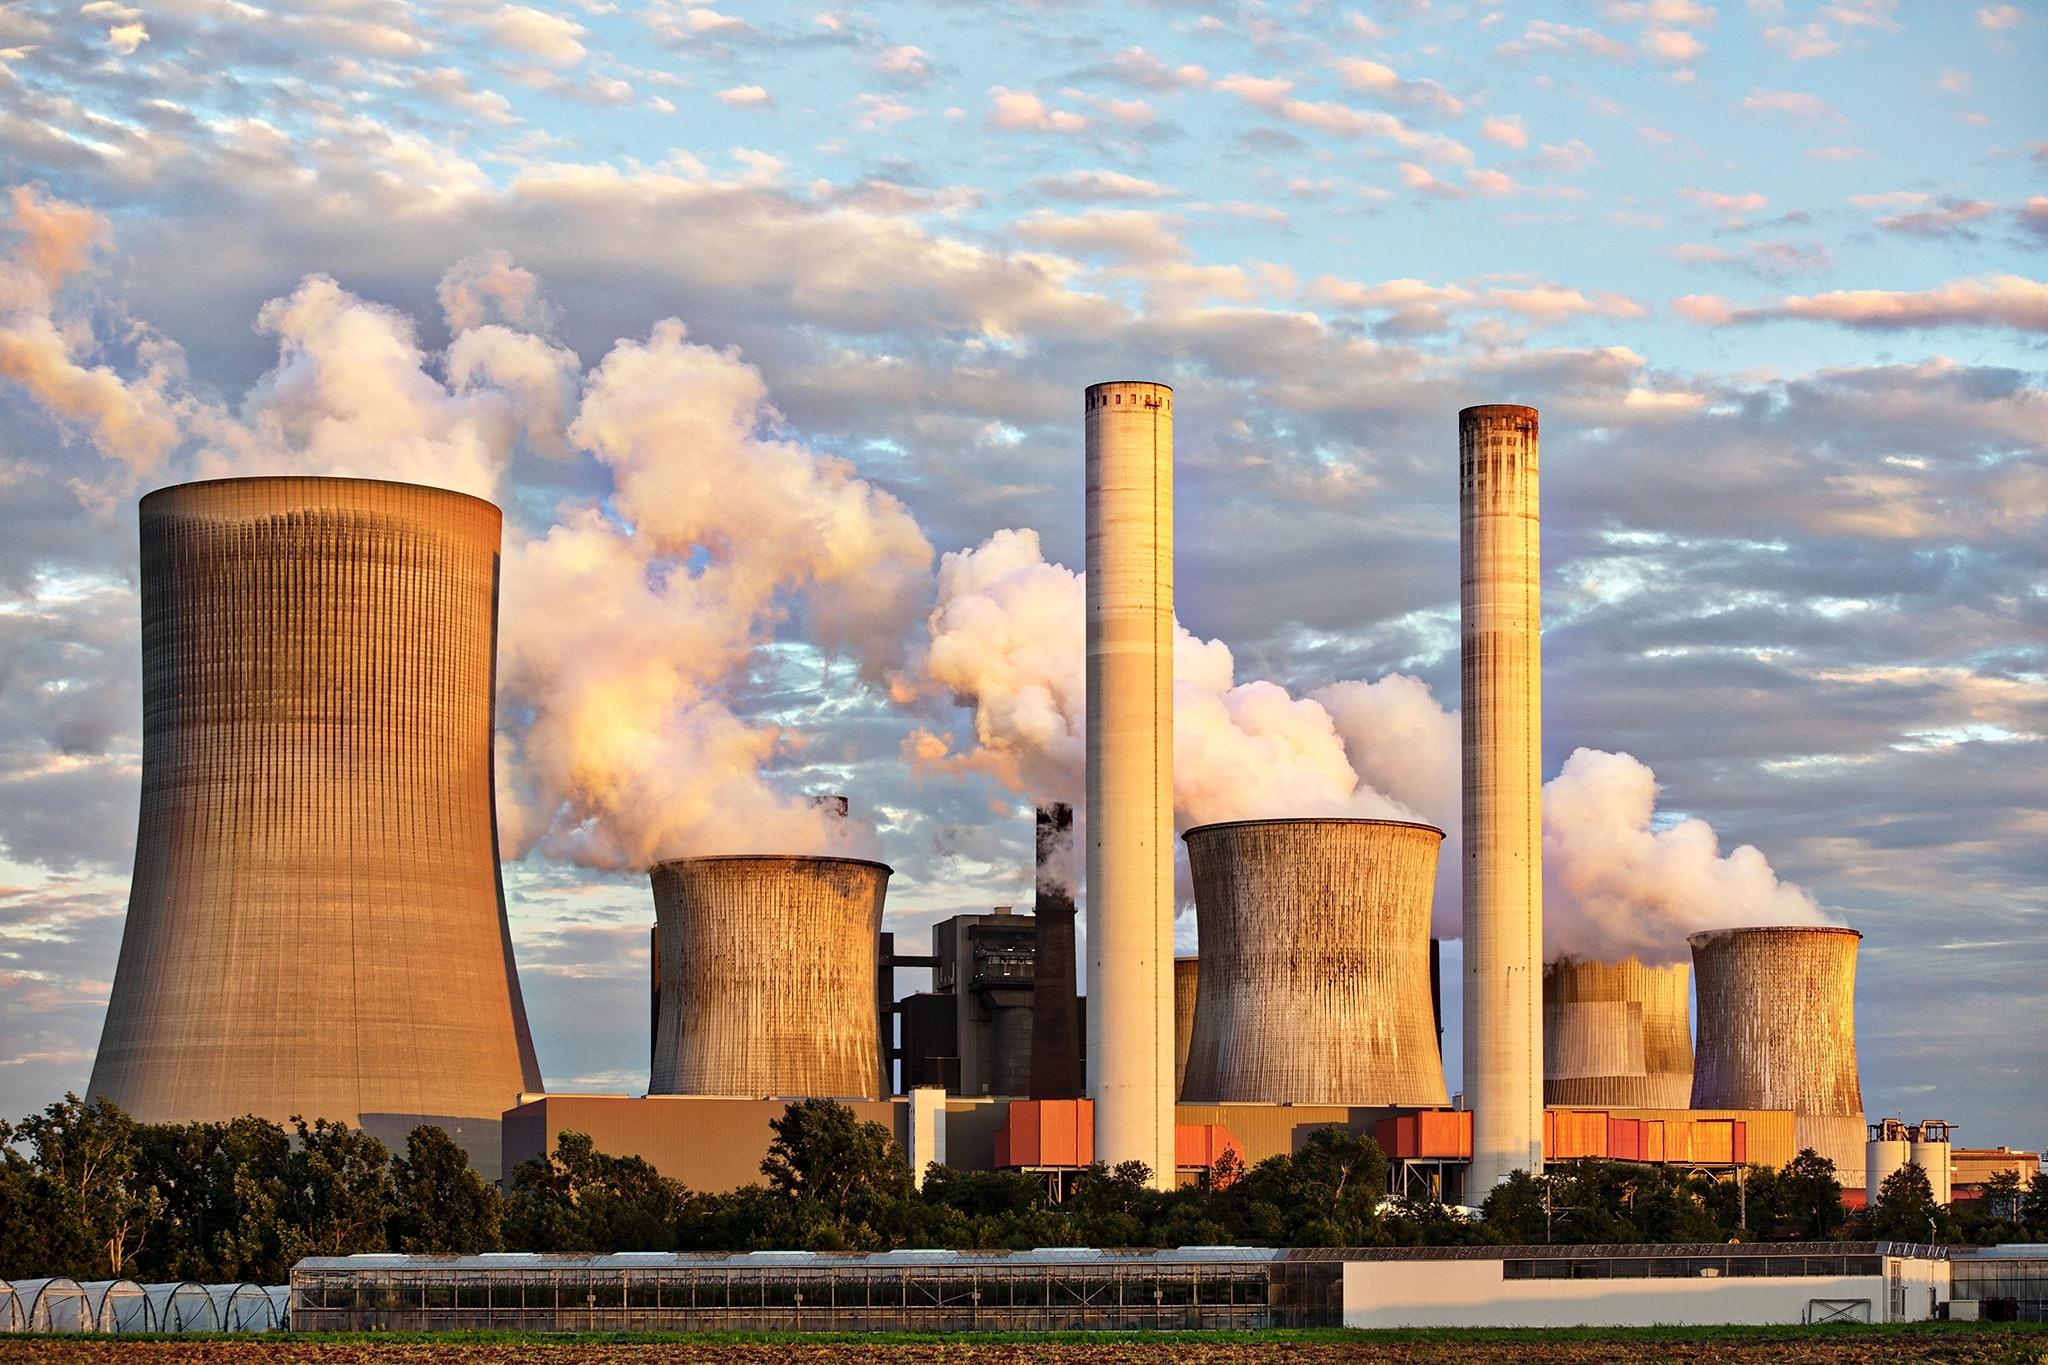 air-air-pollution-chimney-clouds-459728